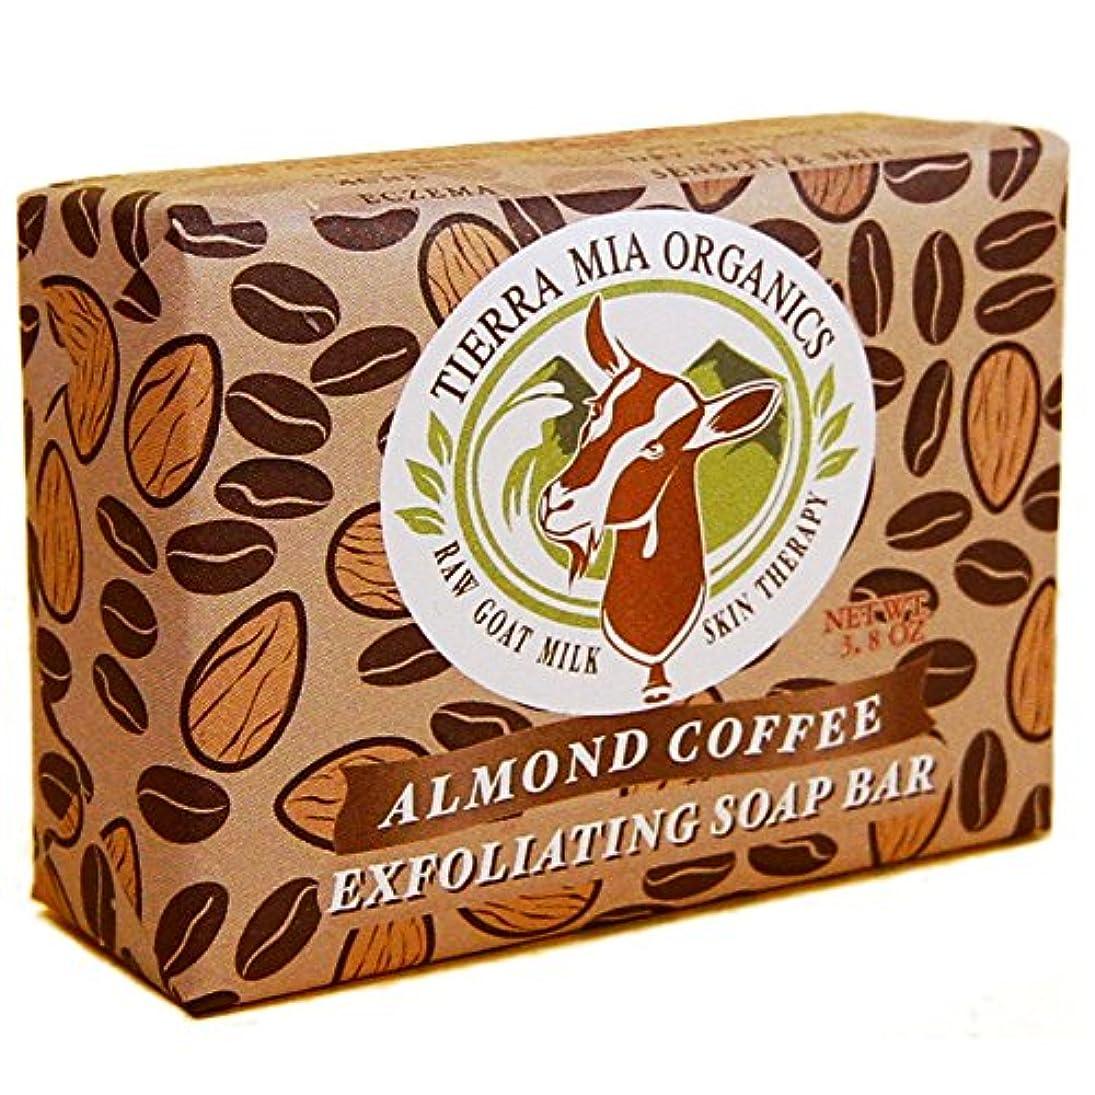 感心するさらに舞い上がるTierra Mia Organics, Raw Goat Milk Skin Therapy, Exfoliating Soap Bar, Almond Coffee, 3.8 oz